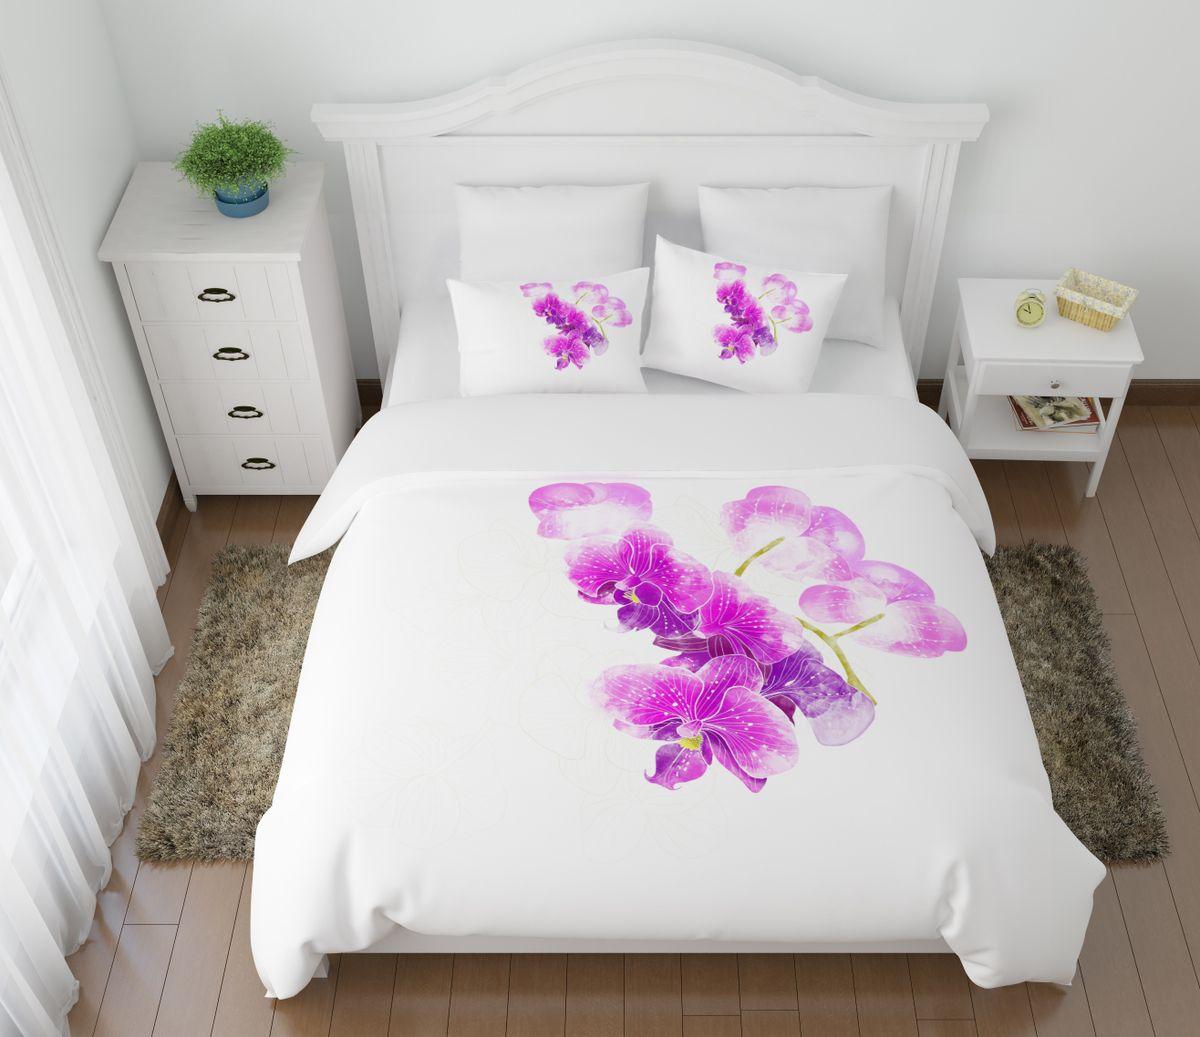 Комплект белья Сирень Ветка орхидеи, 1,5-спальный, наволочки 50x70391602Комплект постельного белья Сирень состоит из простыни, пододеяльника и 2 наволочек. Комплект выполнен из современных гипоаллергенных материалов. Приятный при прикосновении сатин - гарантия здорового, спокойного сна. Ткань хорошо впитывает влагу, надолго сохраняет яркость красок. Четкий, изящный рисунок в сочетании с насыщенными красками делает комплект постельного белья неповторимой изюминкой любого интерьера. Постельное белье идеально подойдет для подарка.